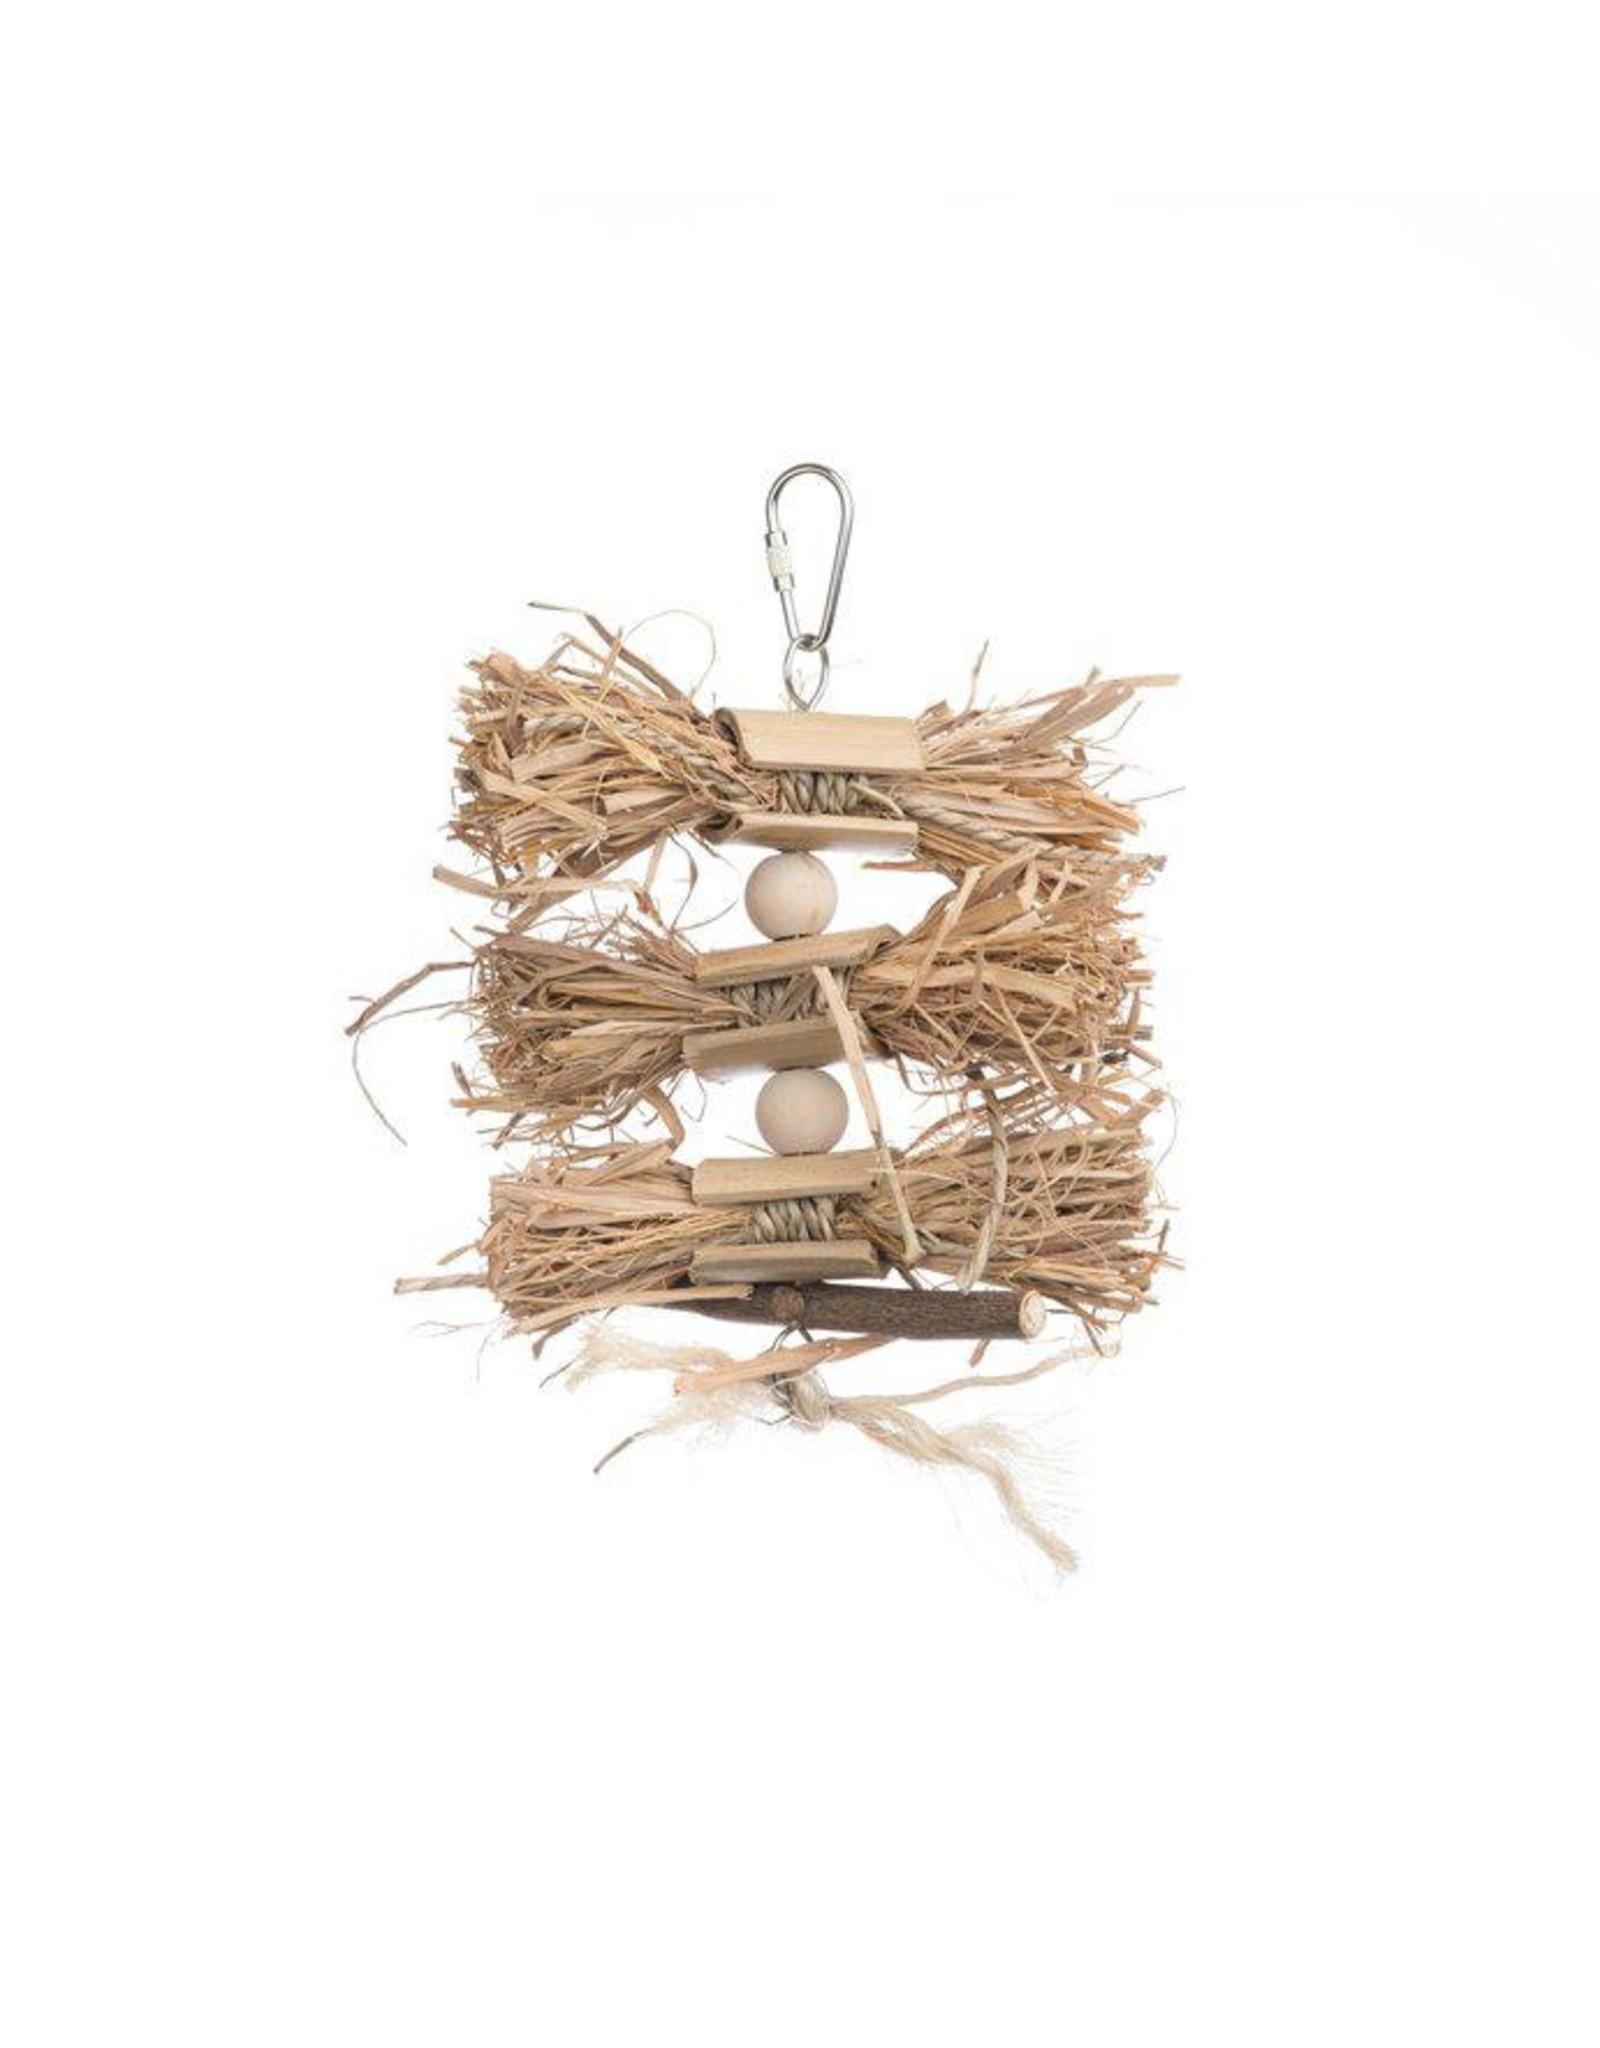 Prevue PREVUE Naturals Woodland Harvest Bird Toy